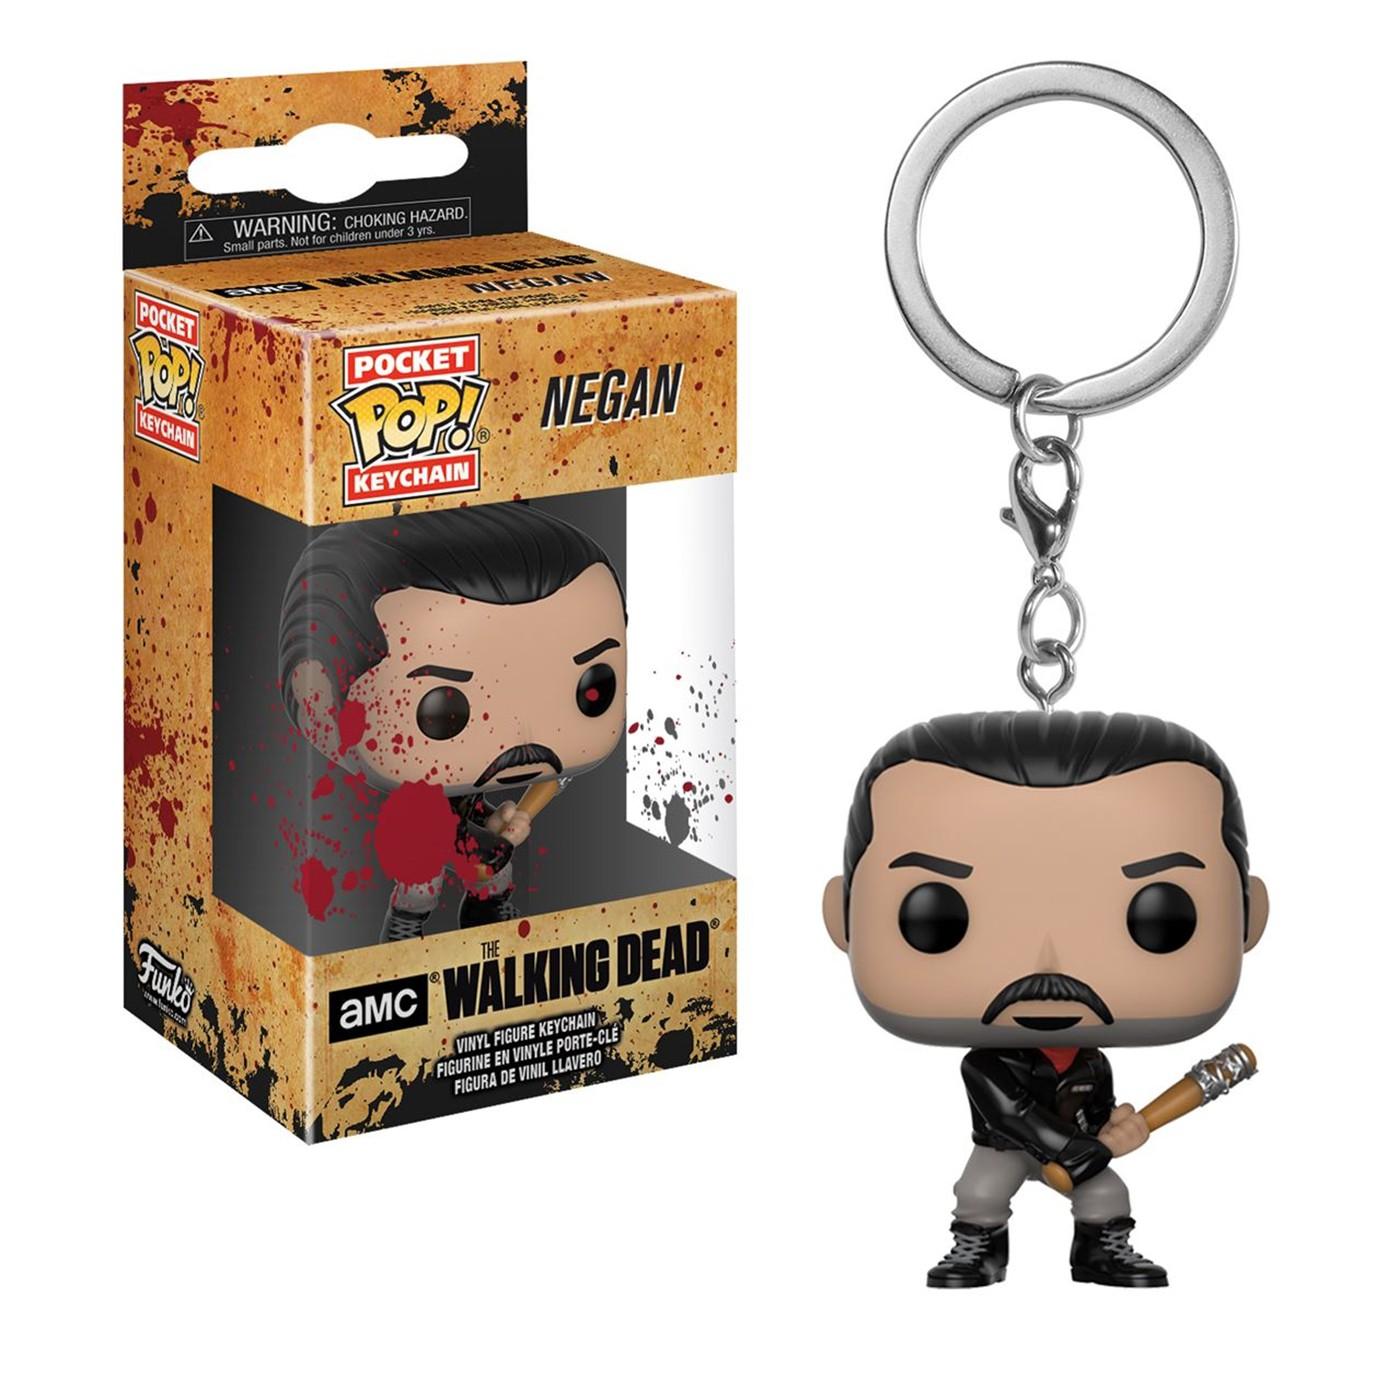 Walking Dead Negan Pocket Pop Keychain